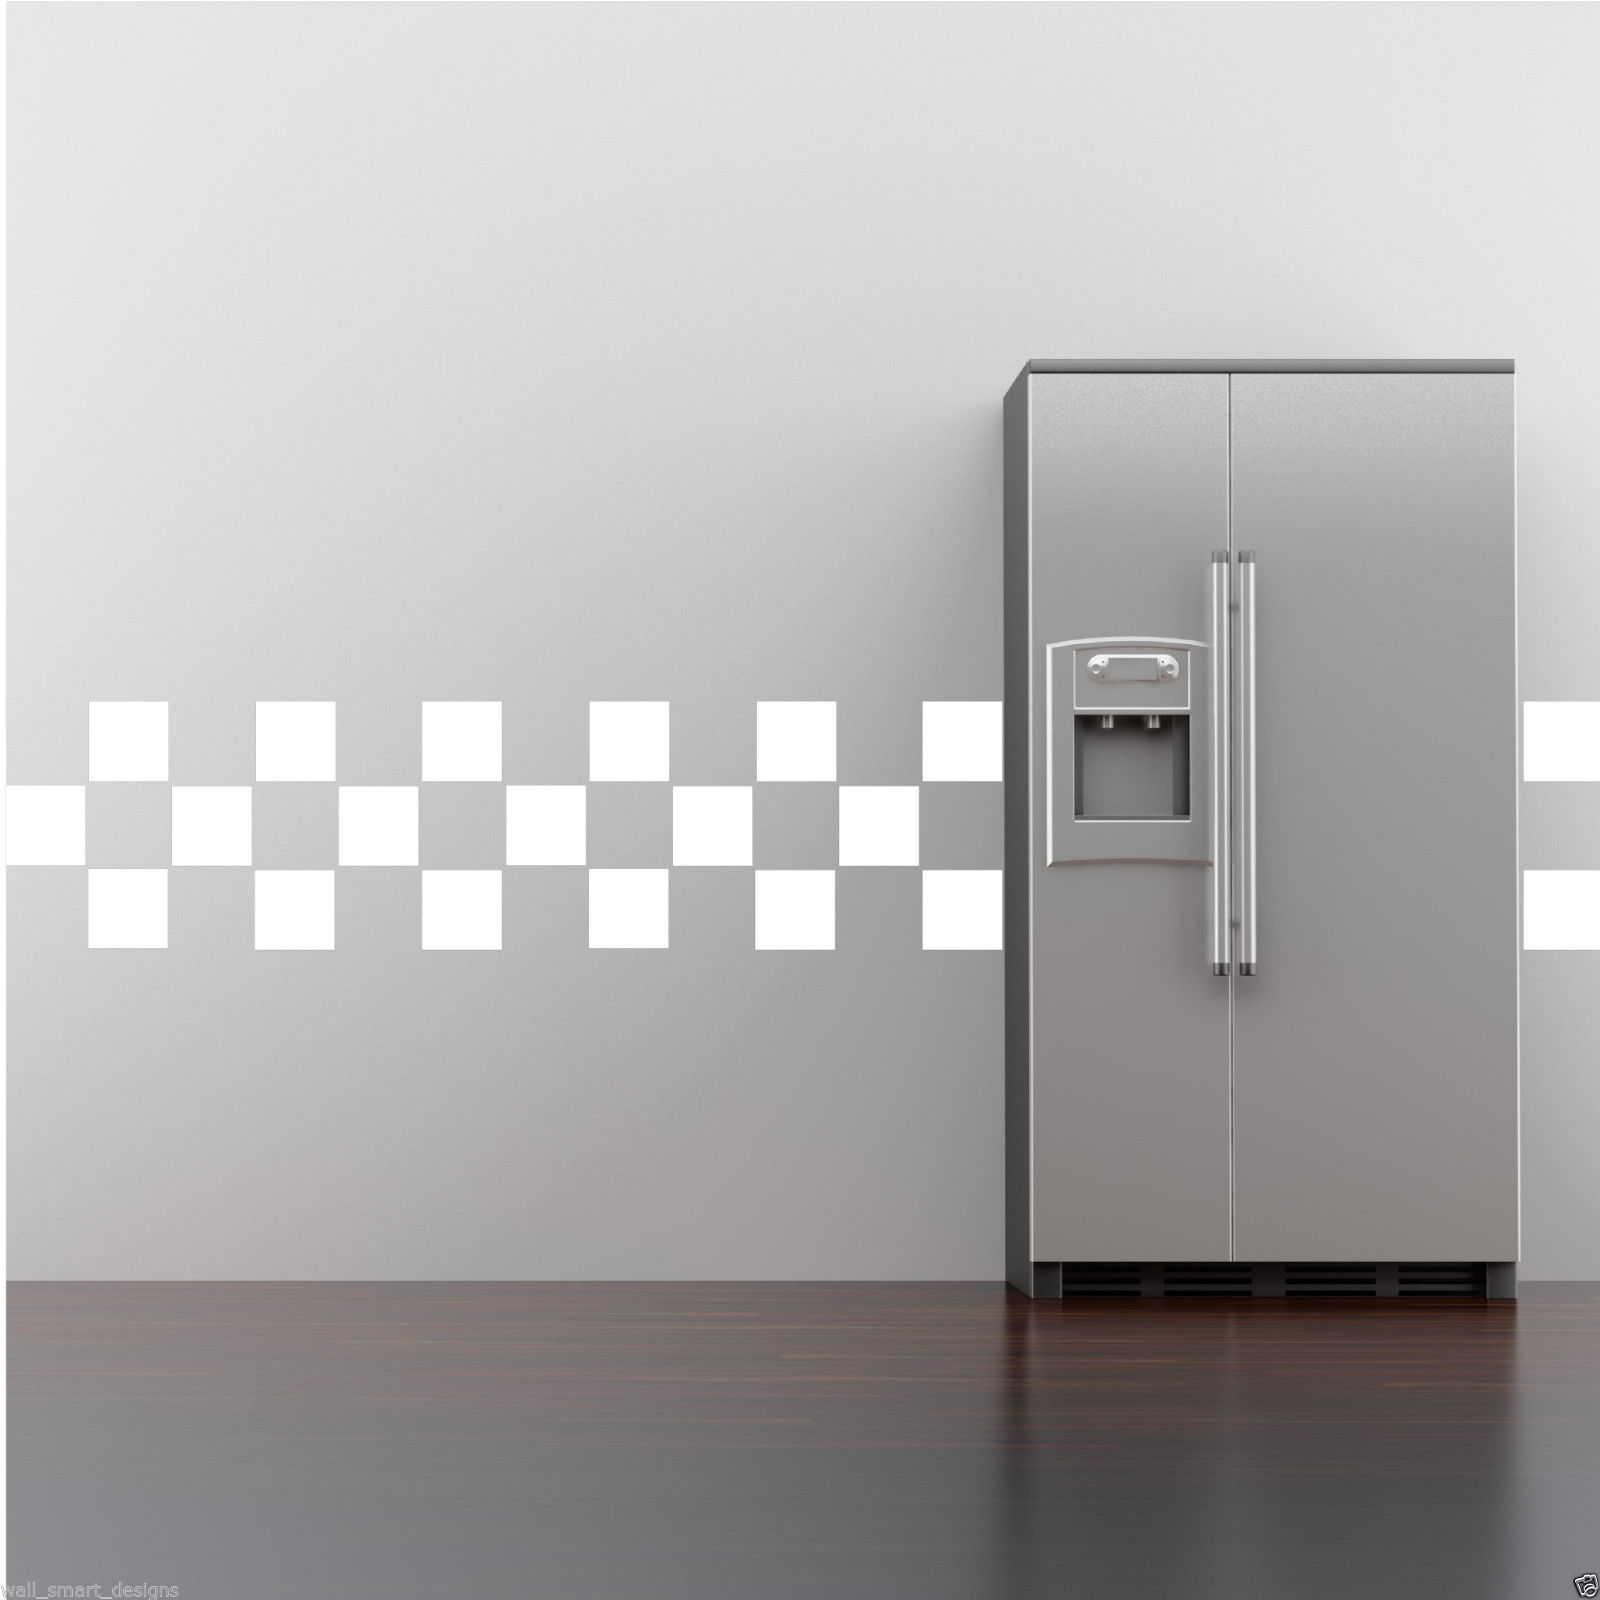 """30 WALL ART TILE STICKERS FAKE BATHROOM KITCHEN TILES 4""""x4"""